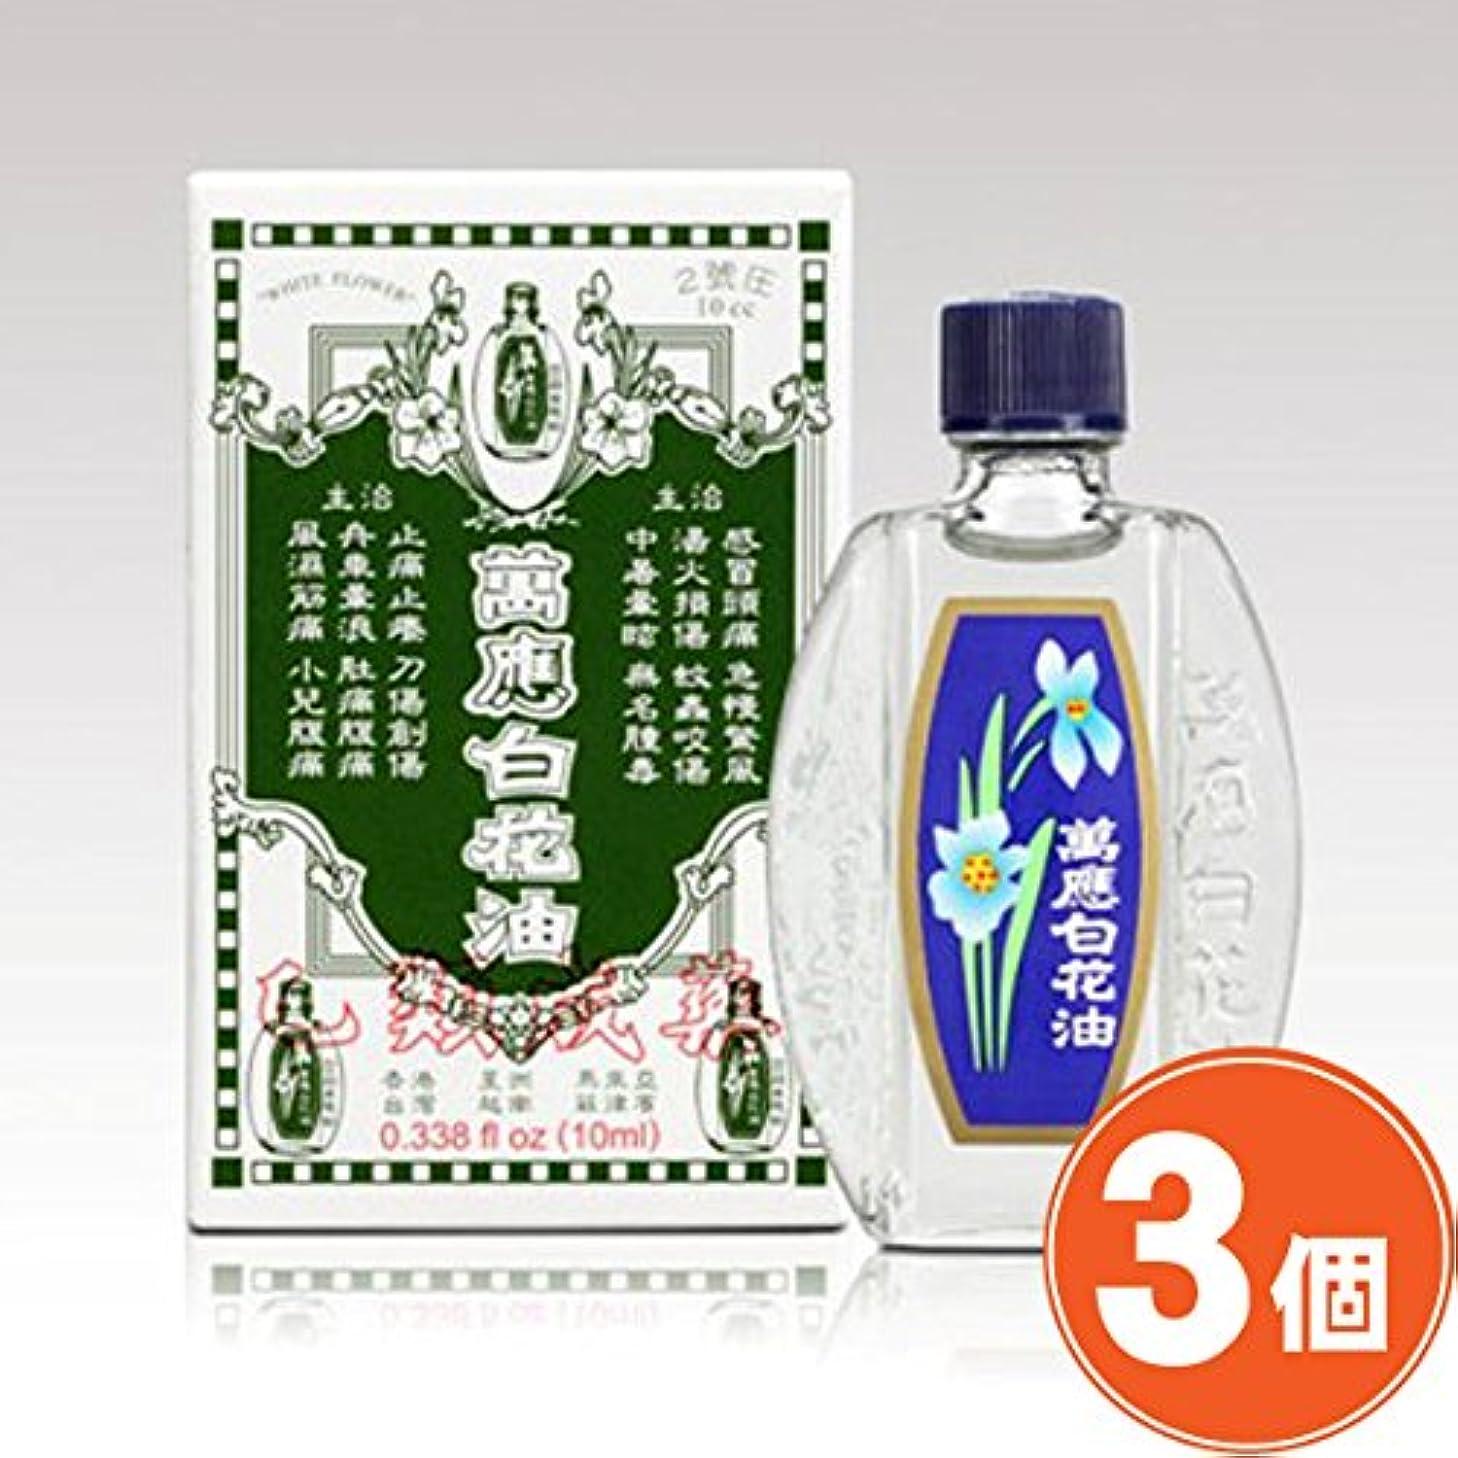 宿る大統領クロス《萬應白花油》 台湾の万能アロマオイル 万能白花油 10ml × 3個《台湾 お土産》 [並行輸入品]